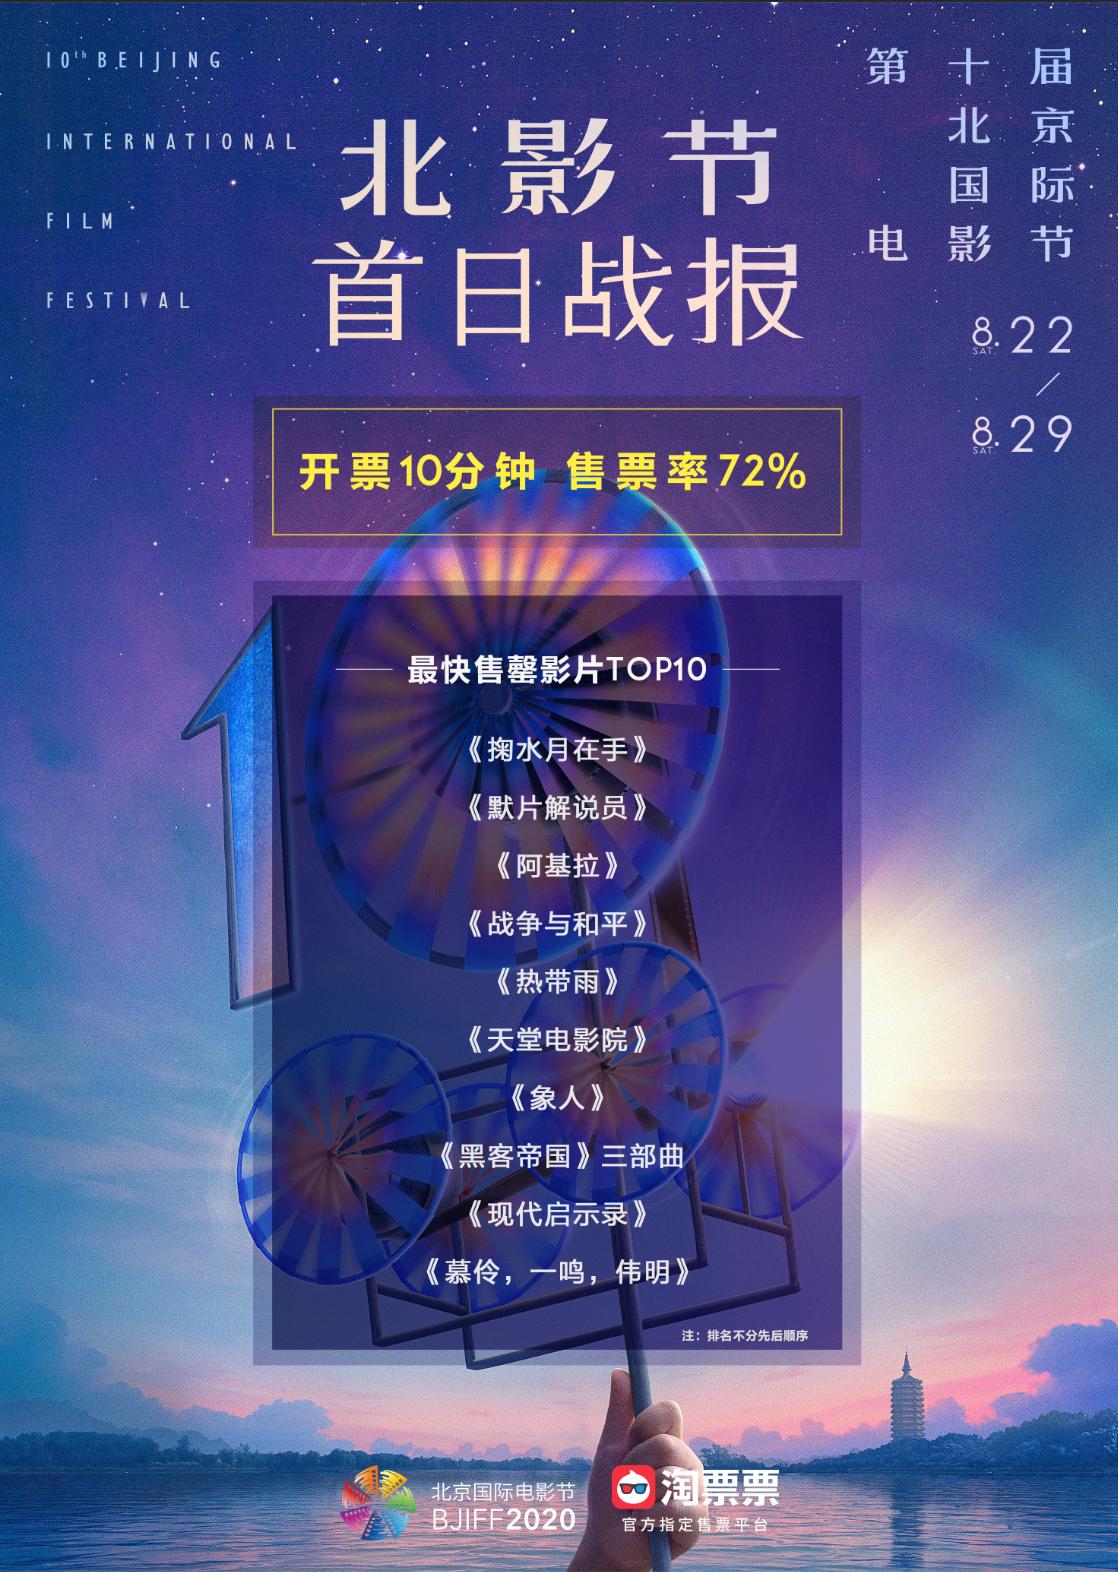 欧博备用网址:拼手速!北影节北京展映开票,十分钟售票率72%